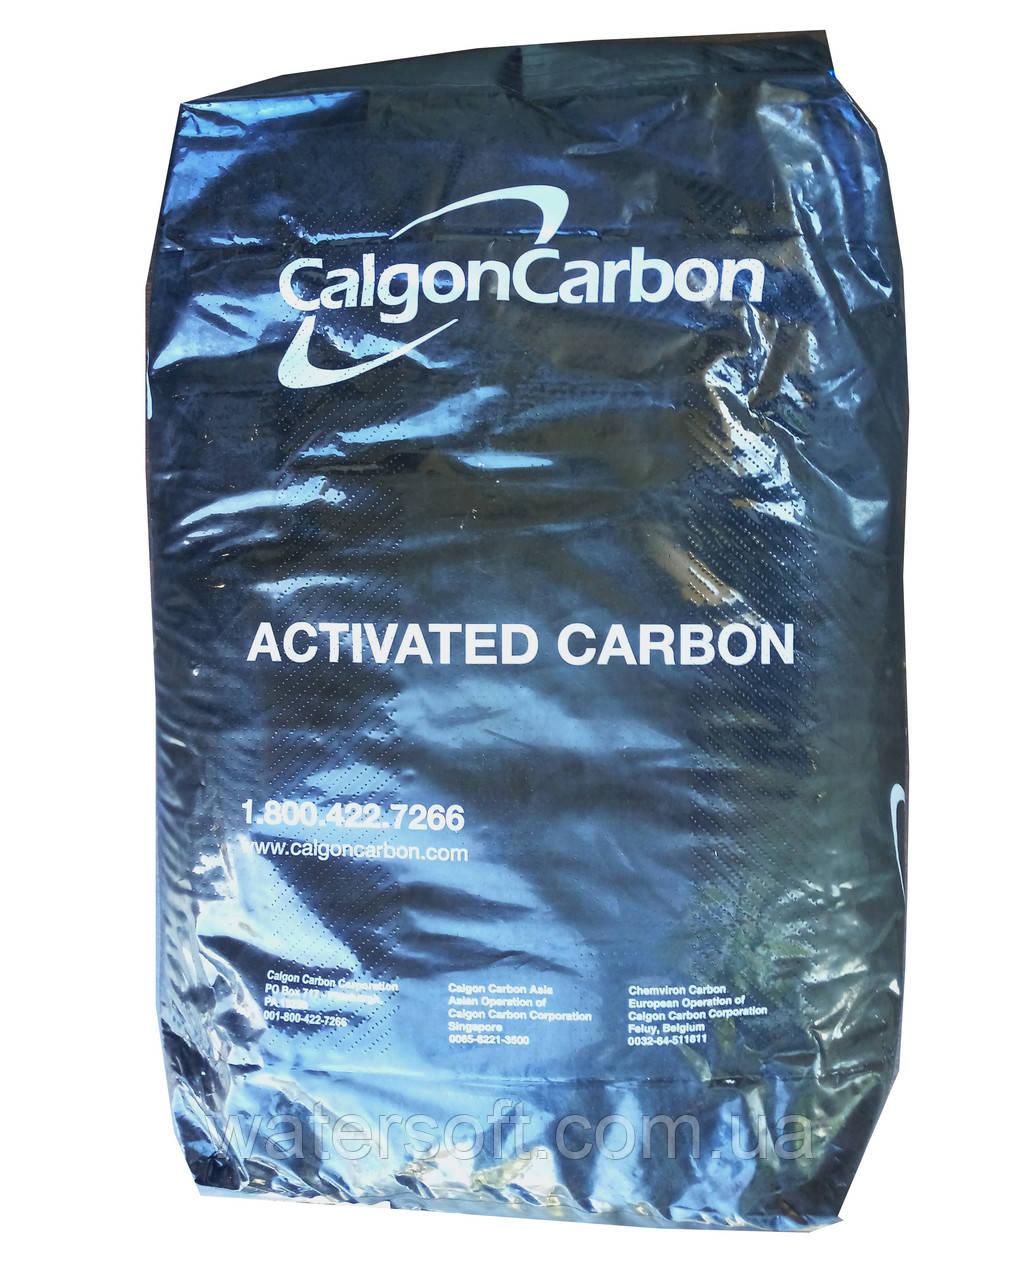 CENTAUR HSL 12x40 активированный уголь для удаления сероводорода и железа. Абсорбция, обезжелезивание